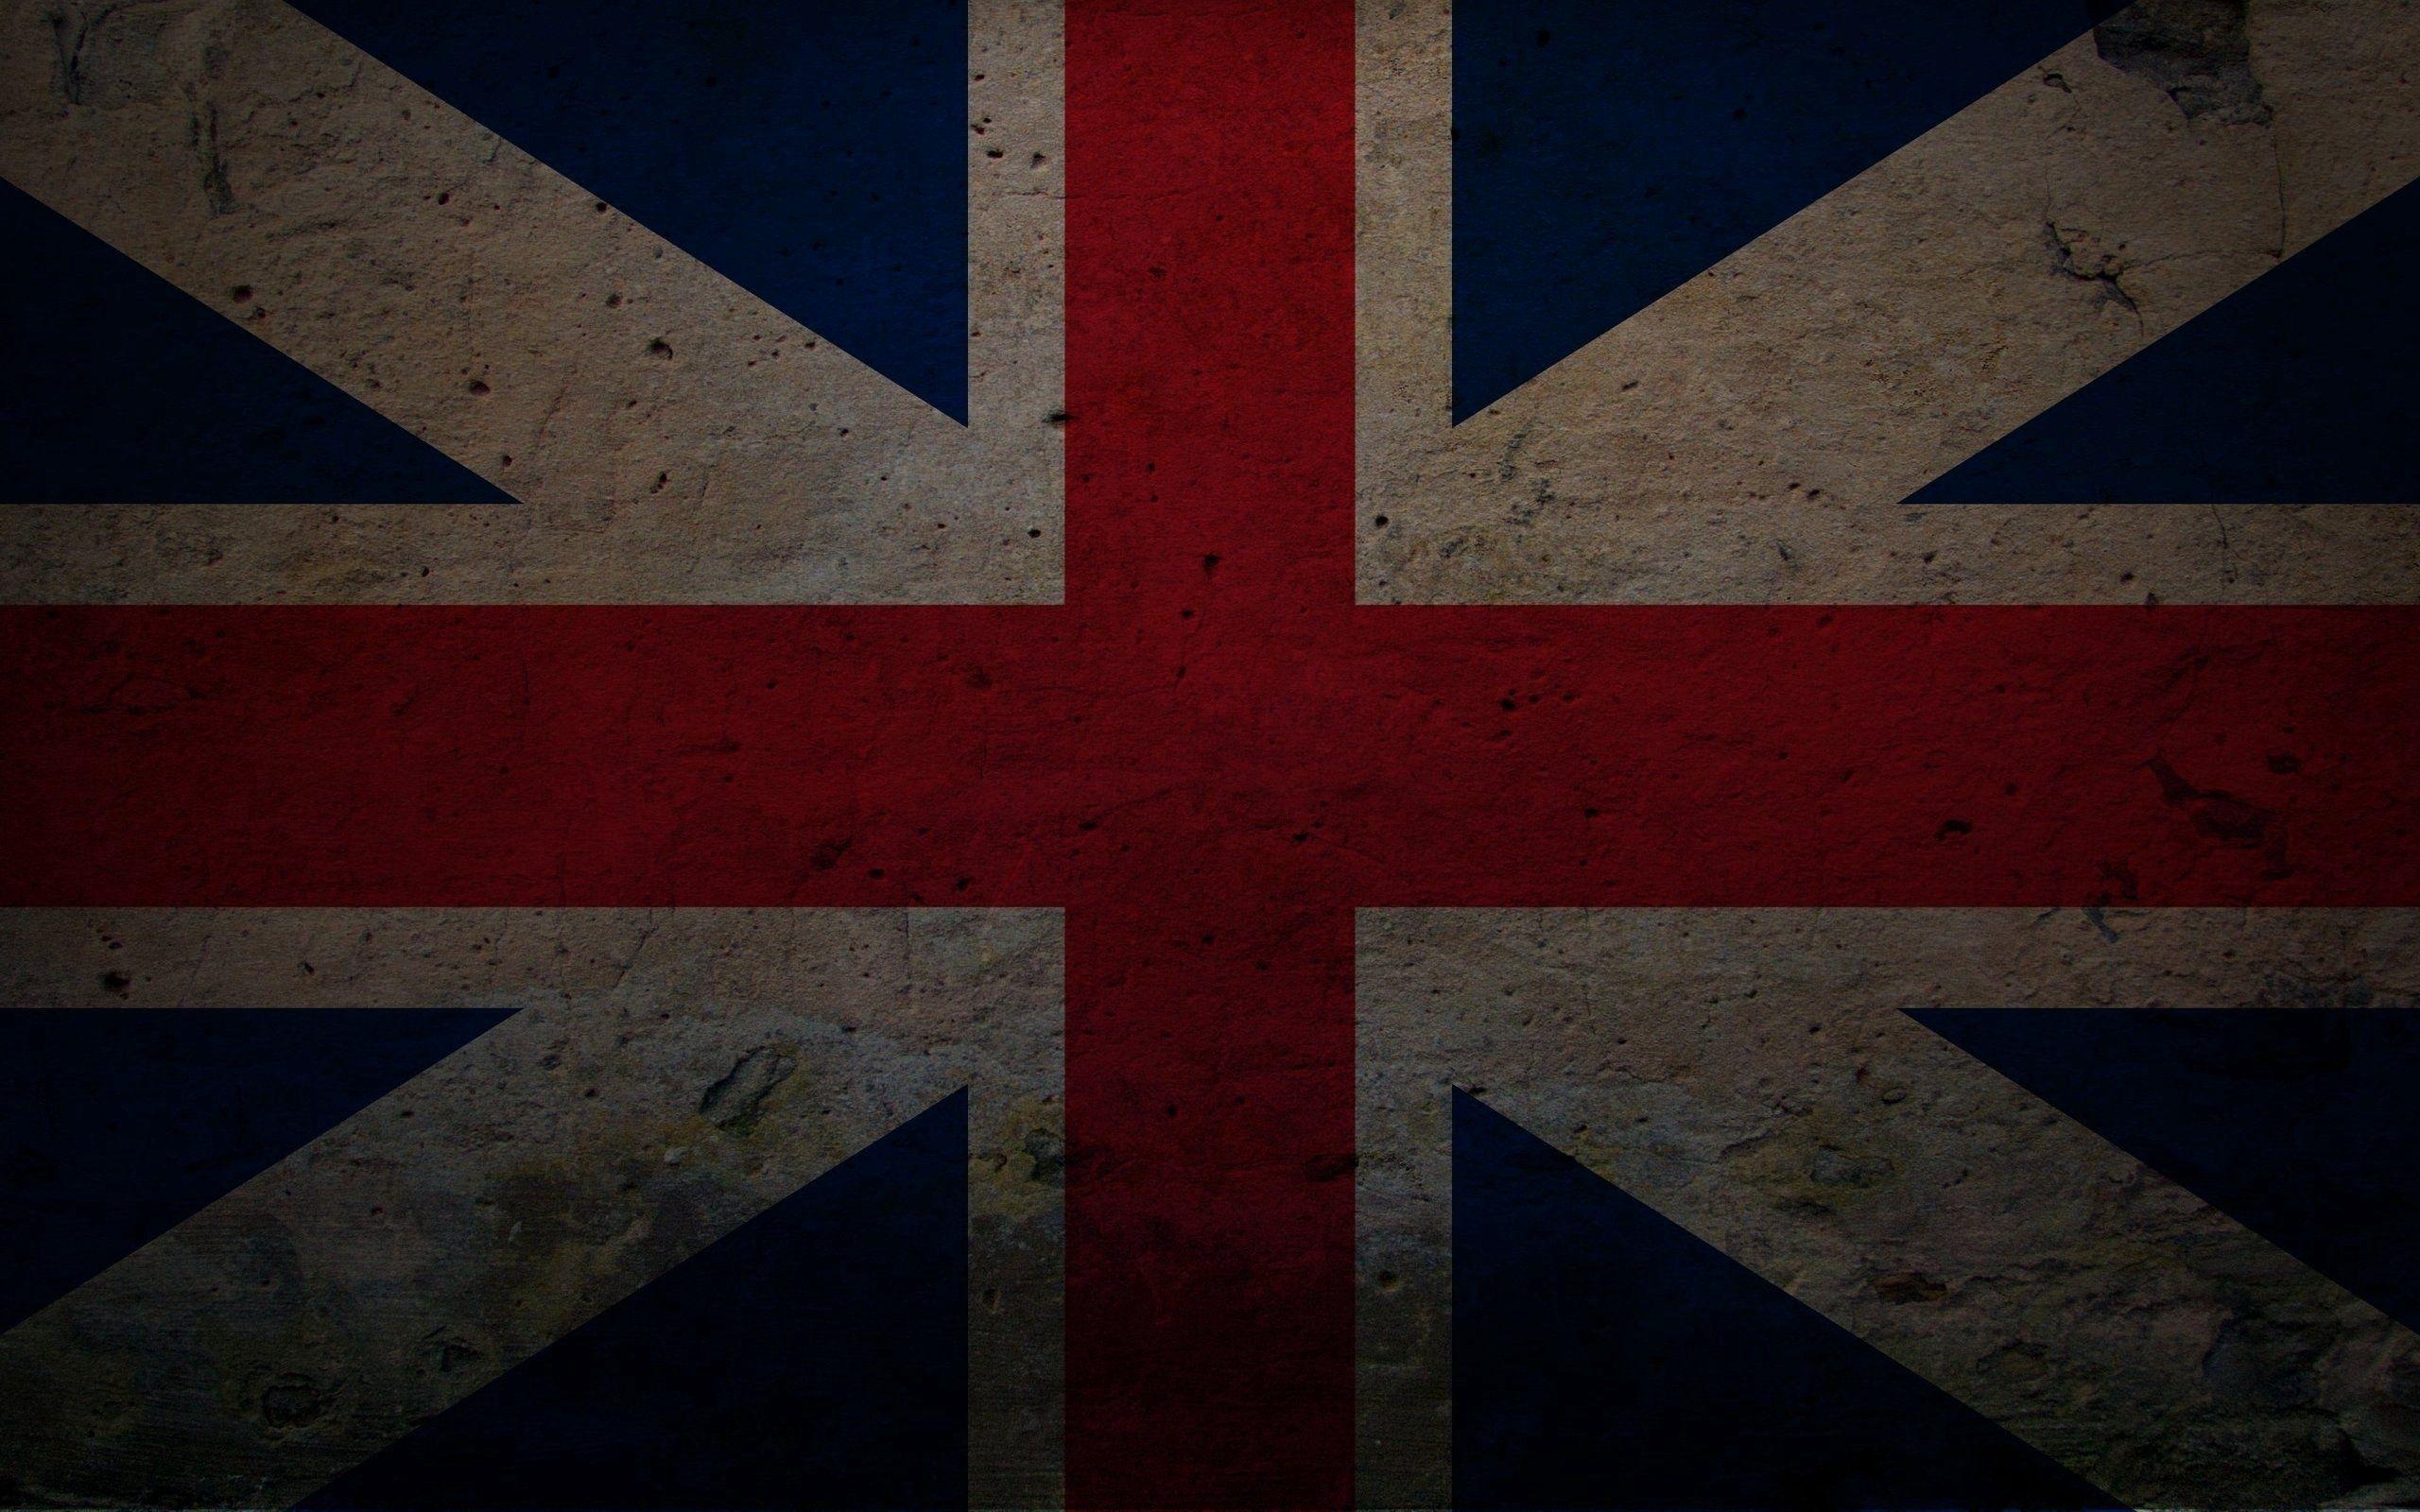 110966 скачать обои Кресты, Красный, Текстура, Линии, Текстуры, Синий, Полосы, Символ, Флаг, Великобритания, Англия - заставки и картинки бесплатно